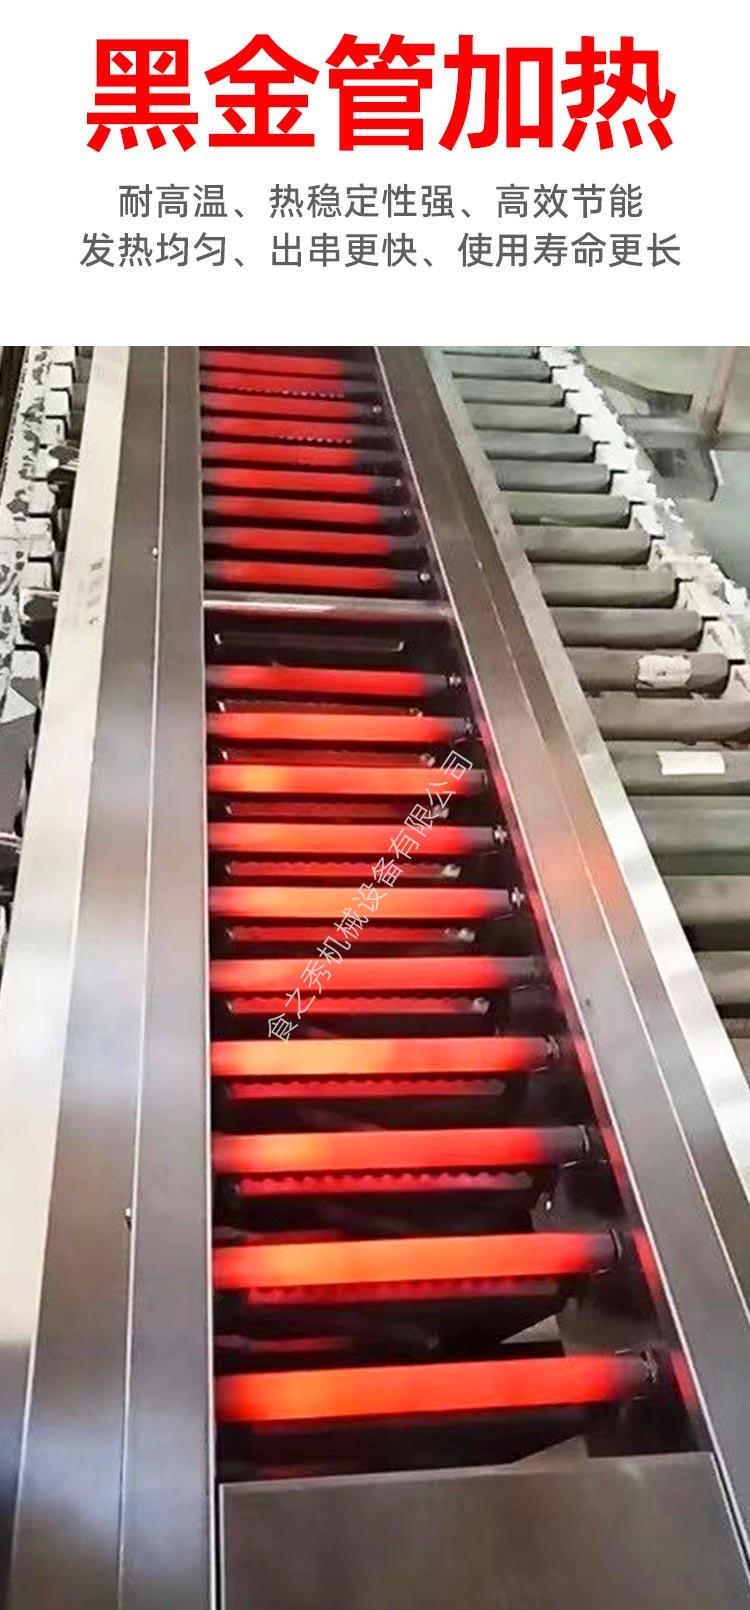 自动电烤炉厂家,自动旋转电烤串炉,很久以前电烤串炉